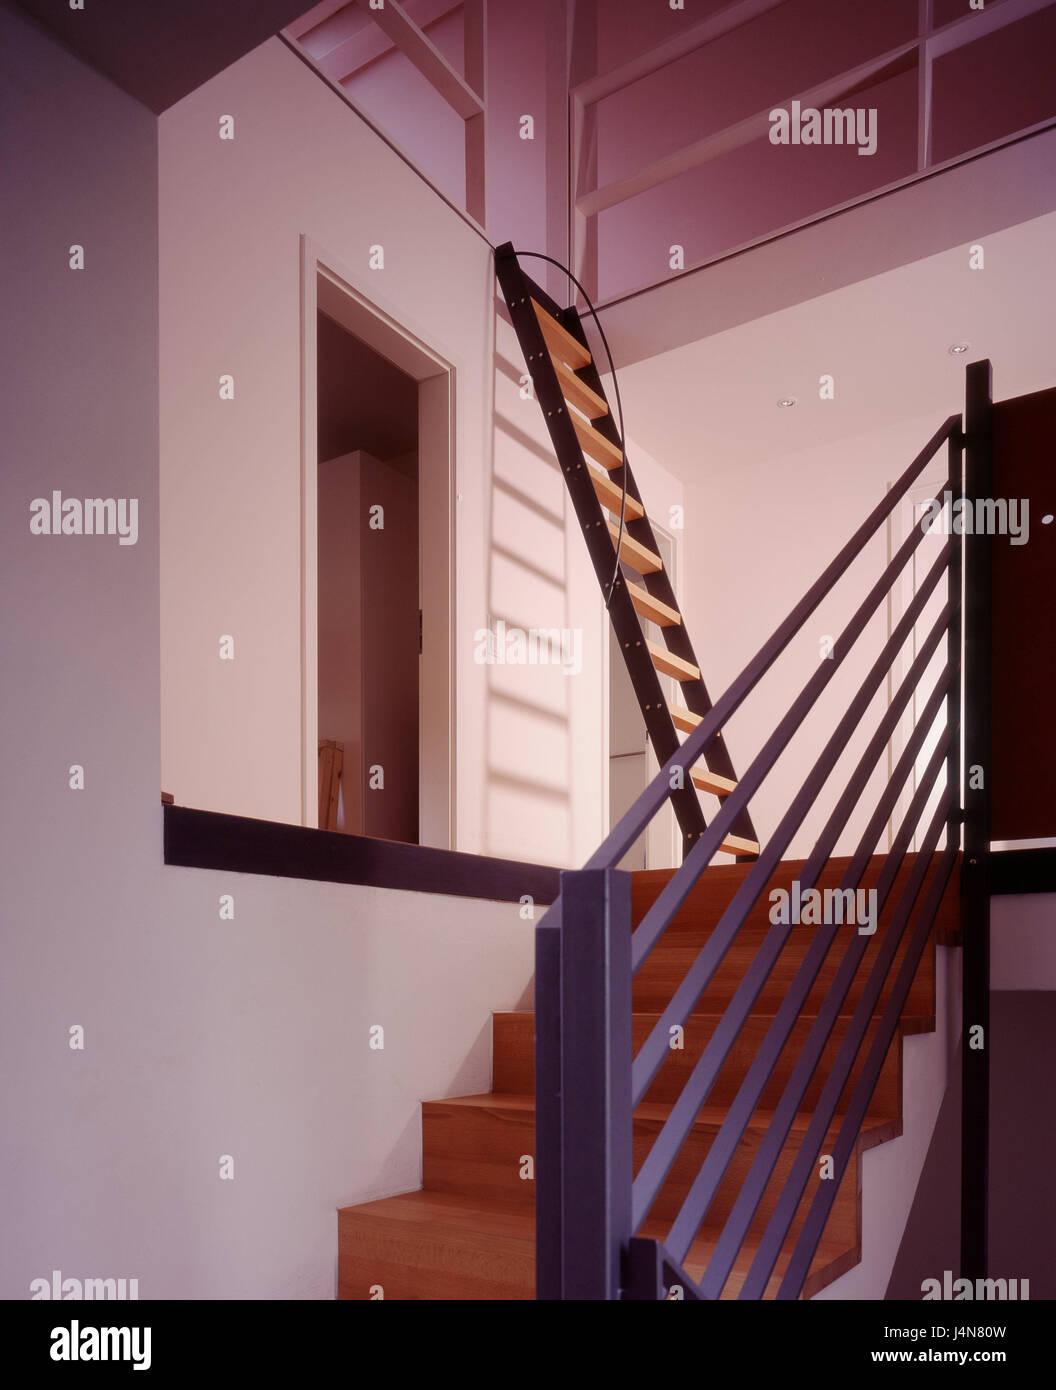 innen gedreht, treppen, flach, wohn-haus, wohnen, innen, detail